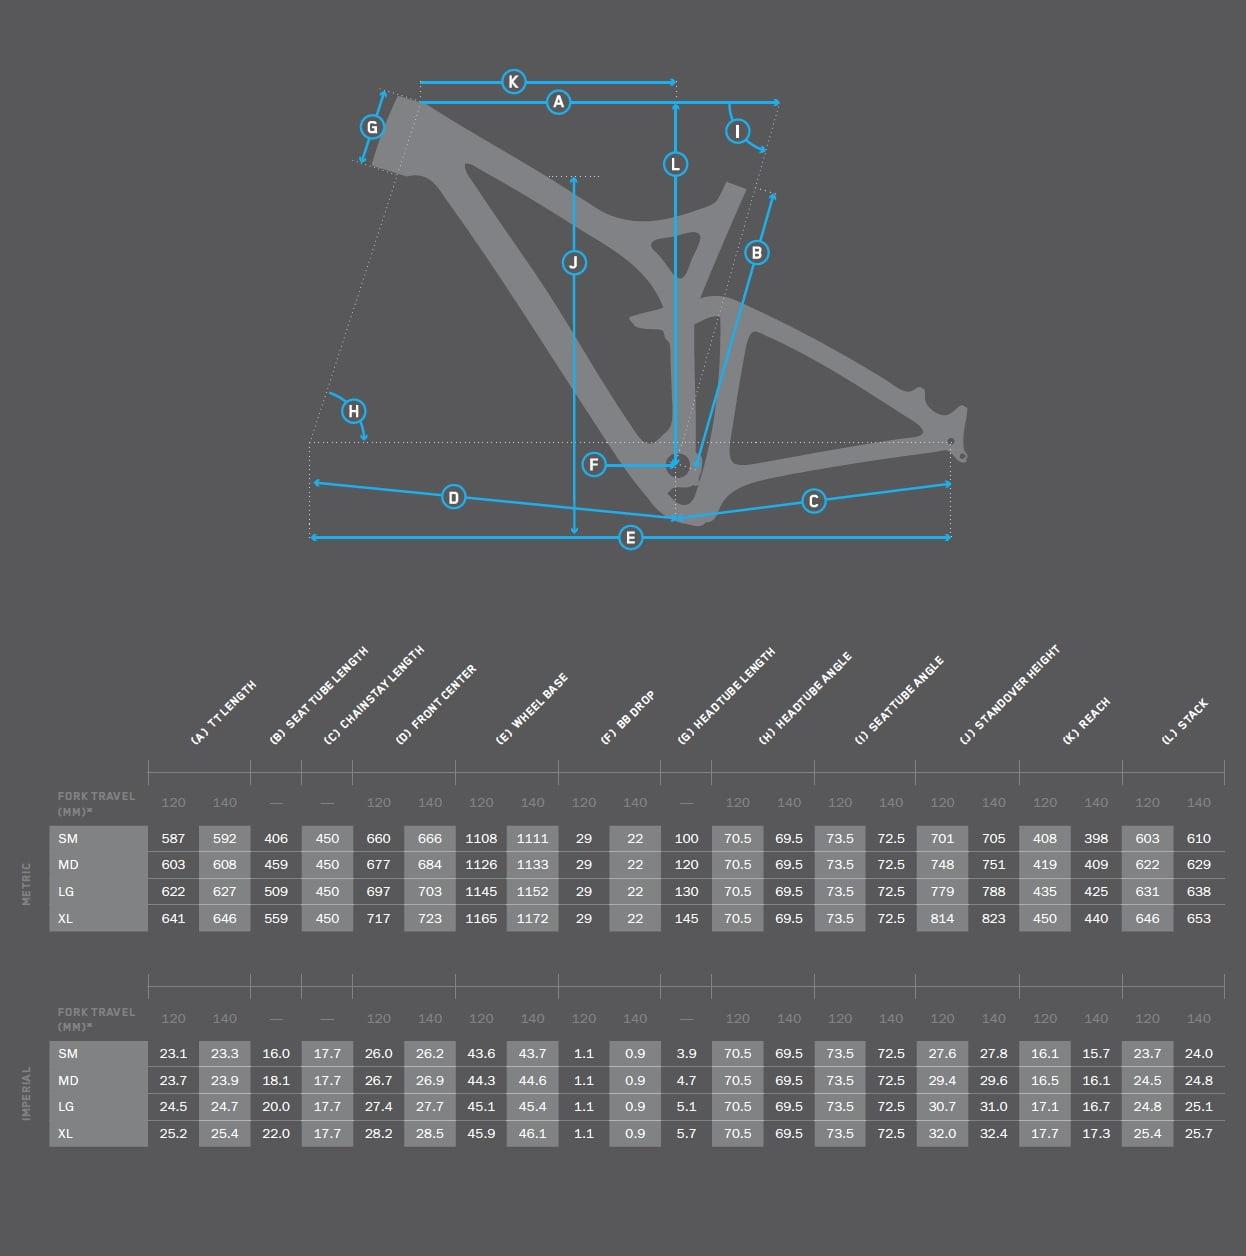 Geometria-Niner-Rip-9-Rdo